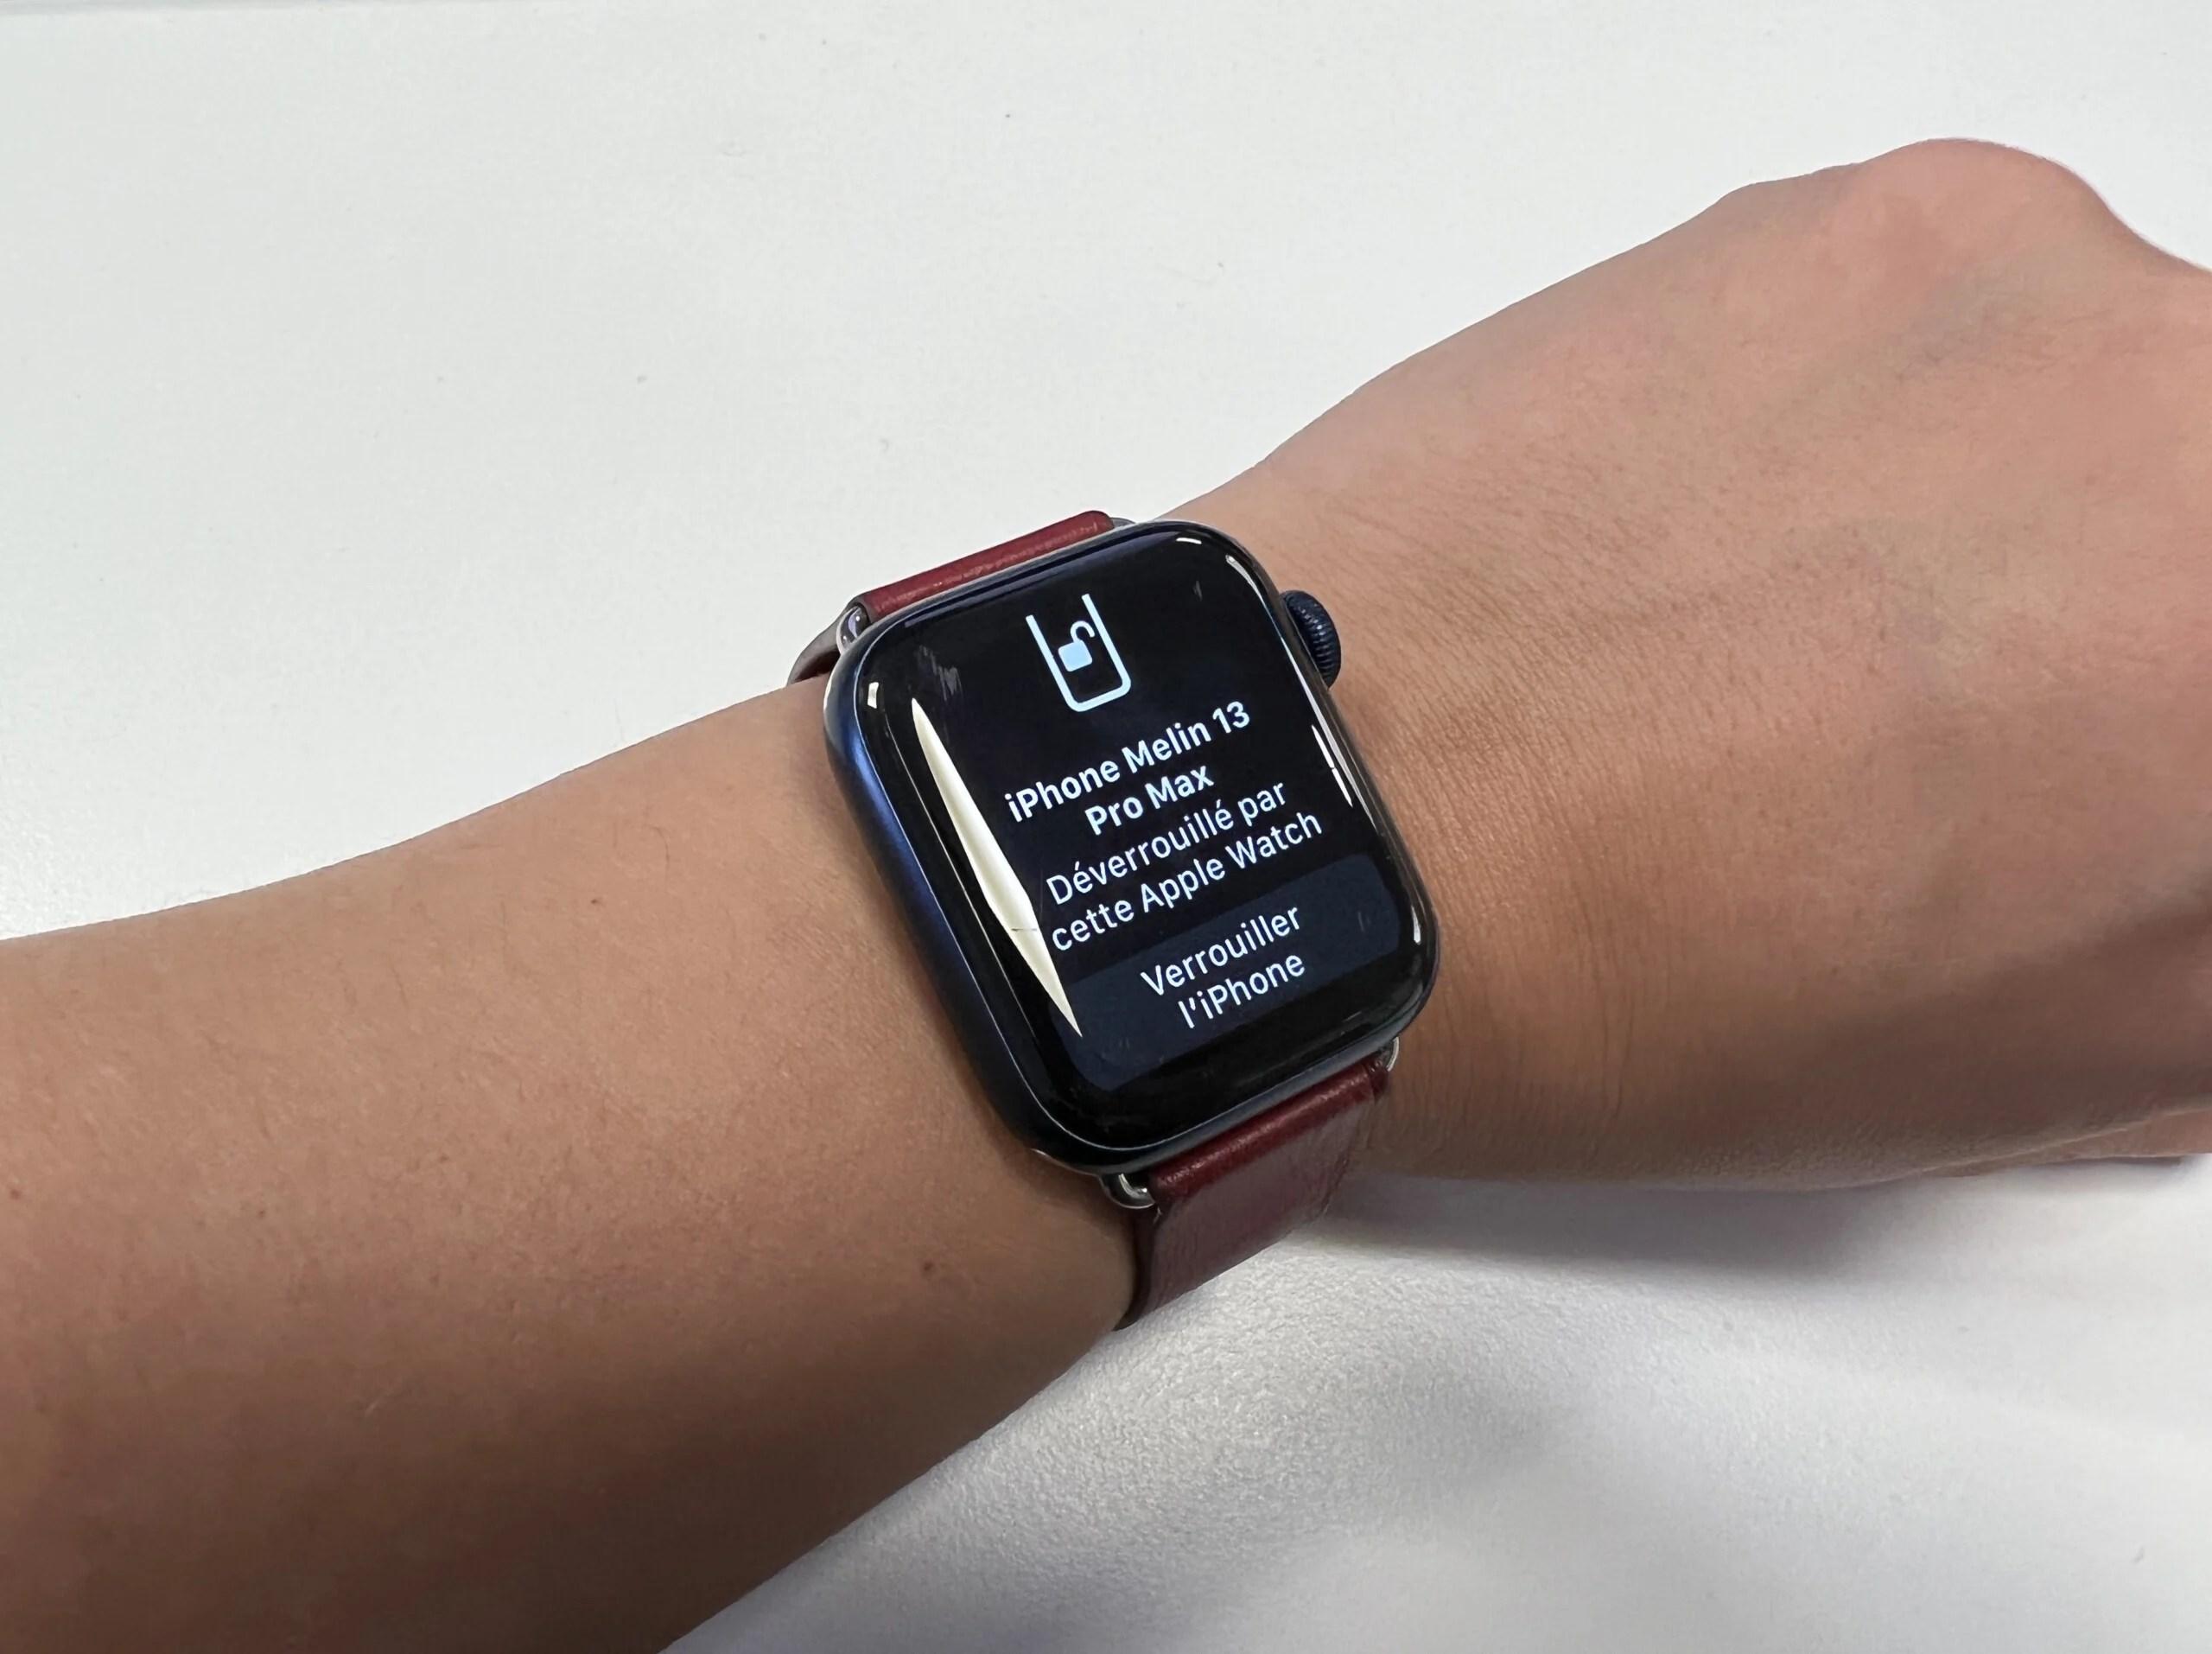 Comment déverrouiller votre iPhone avec votre Apple Watch